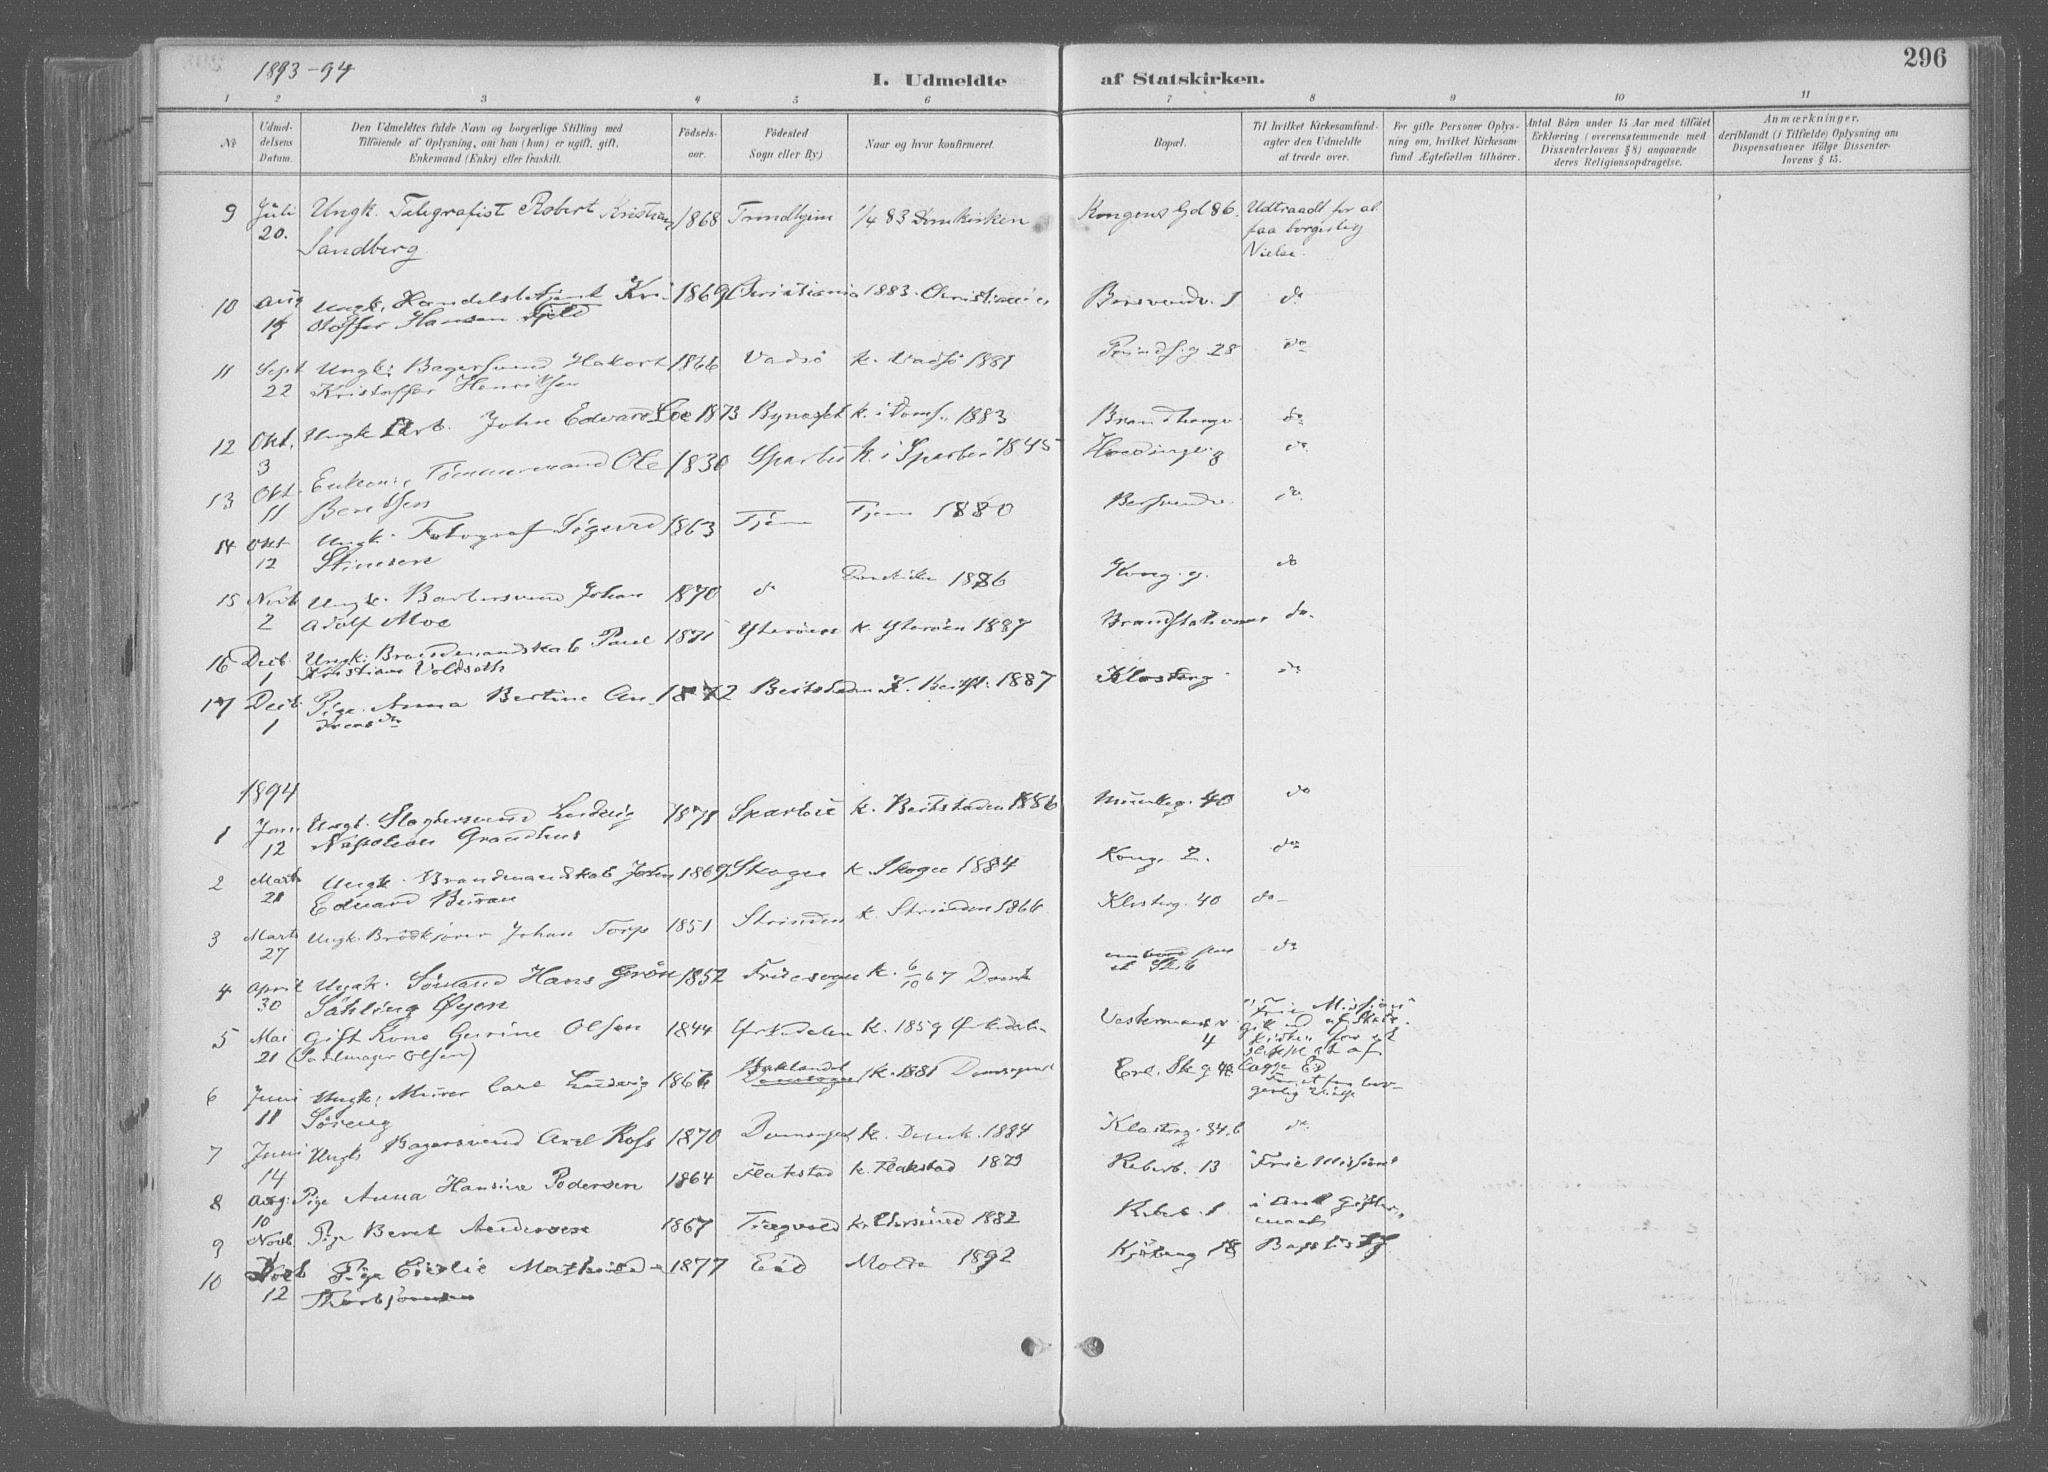 SAT, Ministerialprotokoller, klokkerbøker og fødselsregistre - Sør-Trøndelag, 601/L0064: Ministerialbok nr. 601A31, 1891-1911, s. 296